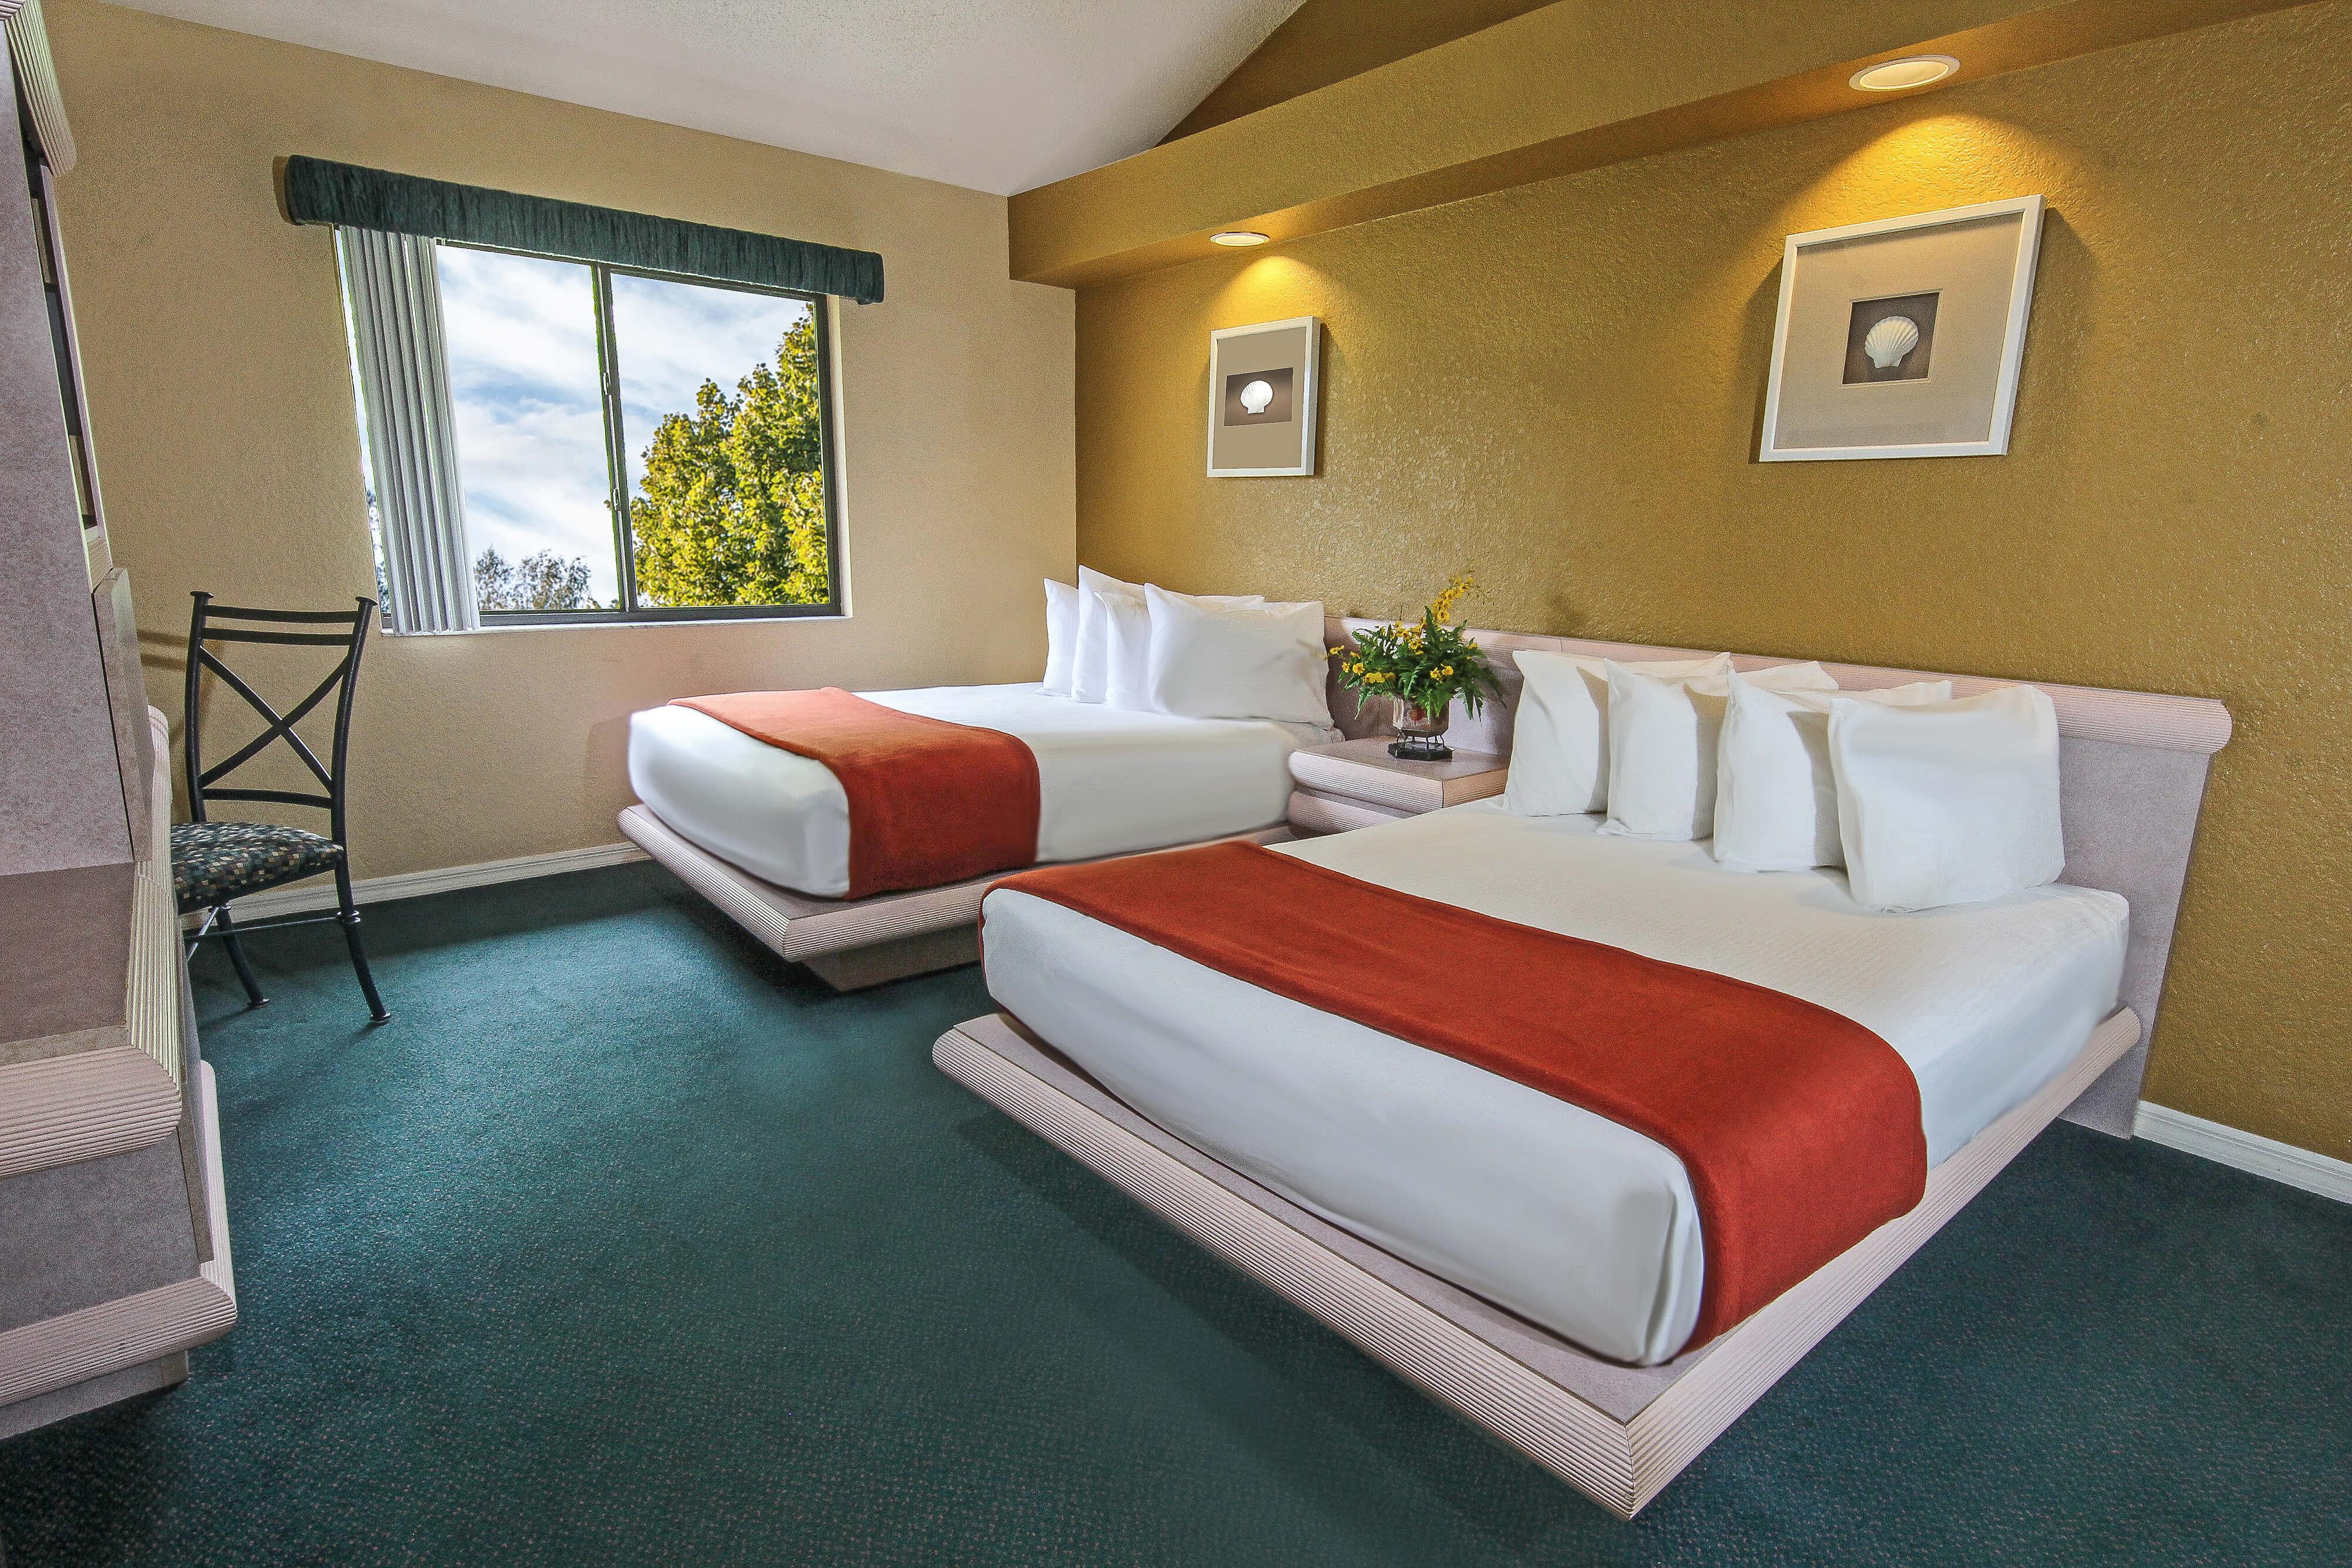 Two Bedroom Villa With Loft Westgate Vacation Villas Resort Spa Orlando Westgate Resorts